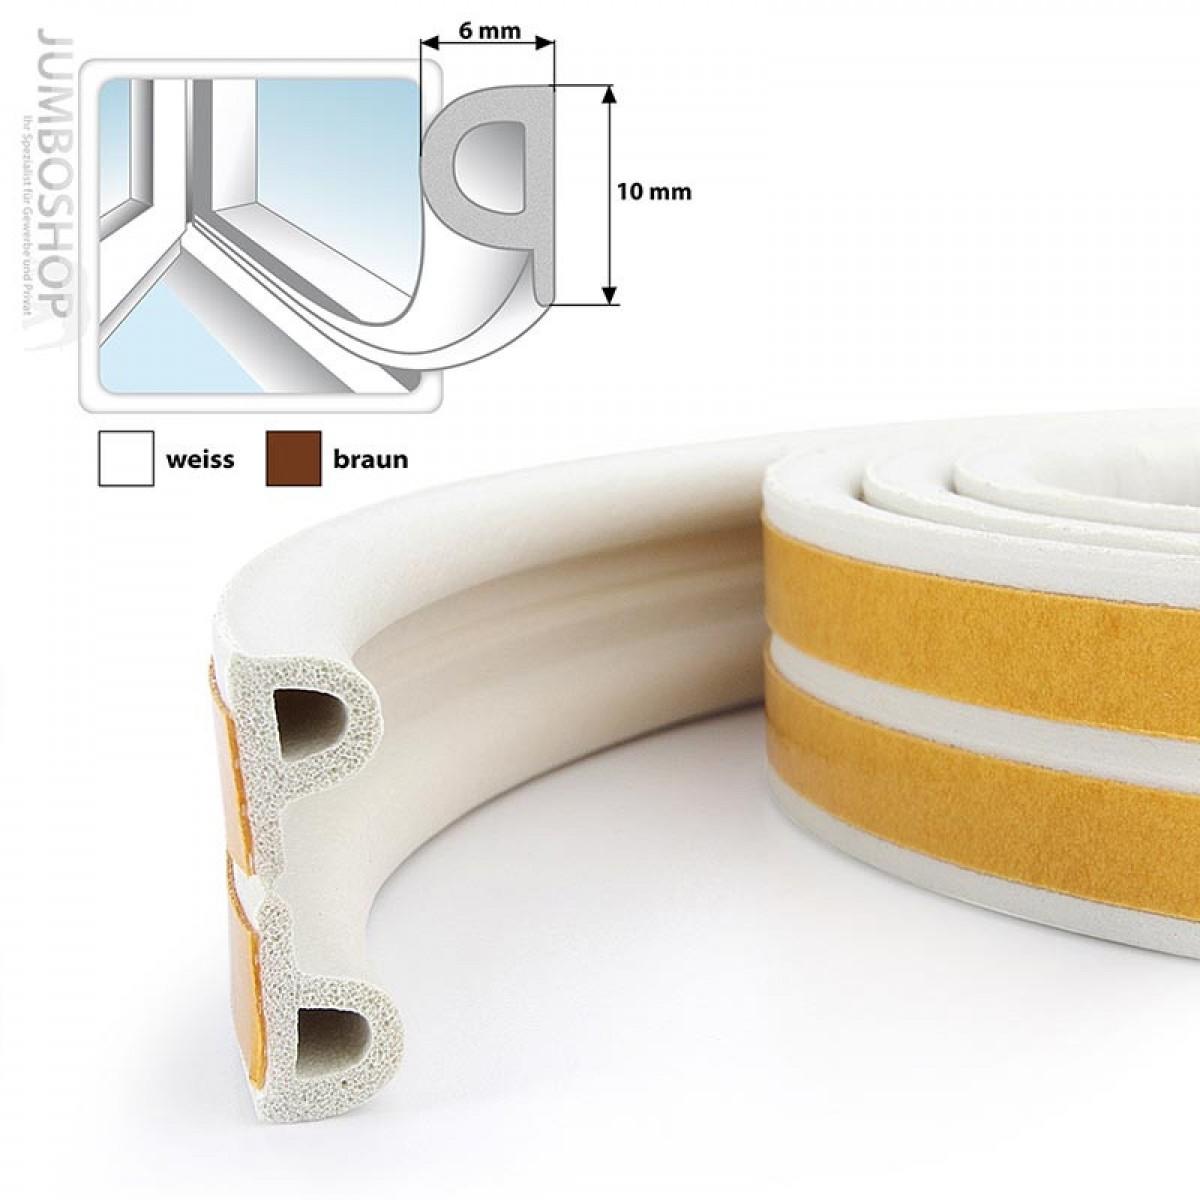 fensterdichtung gummidichtung selbstklebend braun p profil fensterdichtungen jumbo shop. Black Bedroom Furniture Sets. Home Design Ideas